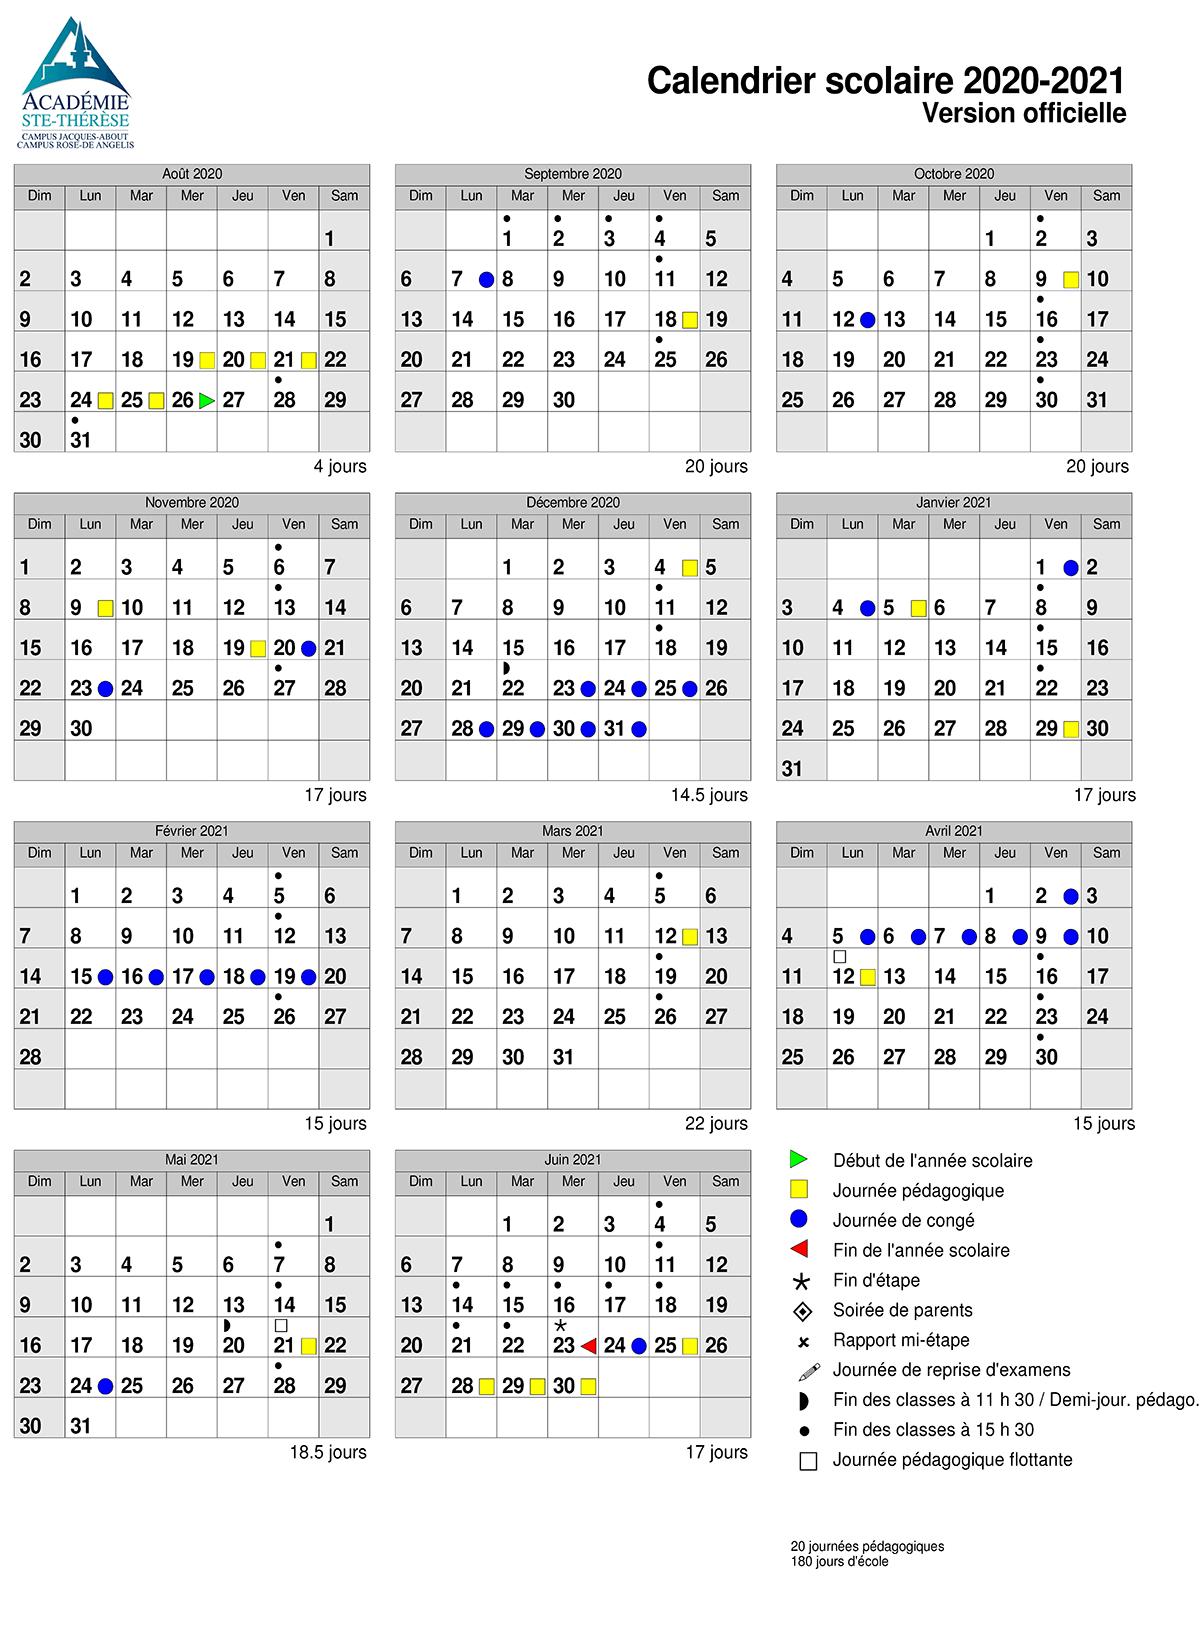 Le calendrier scolaire des campus à l'Académie Ste Thérèse